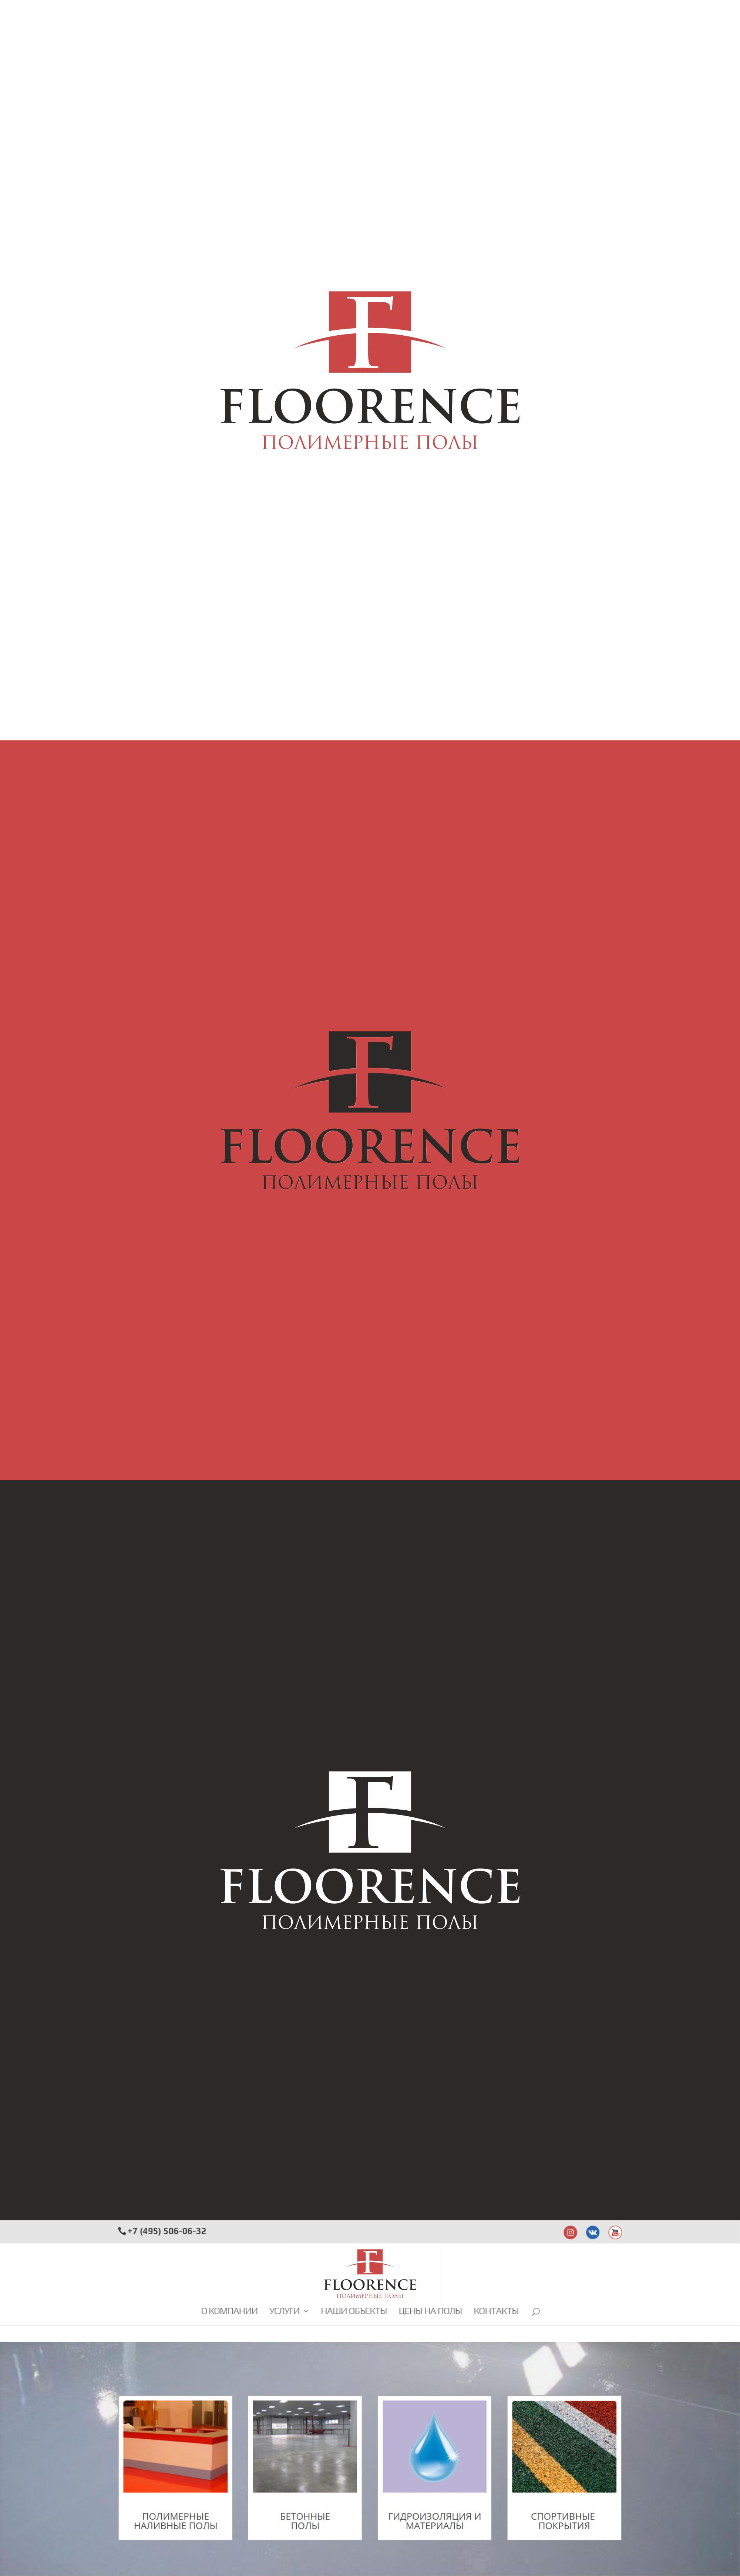 Необходимо сделать логотип и фирменный стиль. фото f_5795aaa28601f92d.jpg